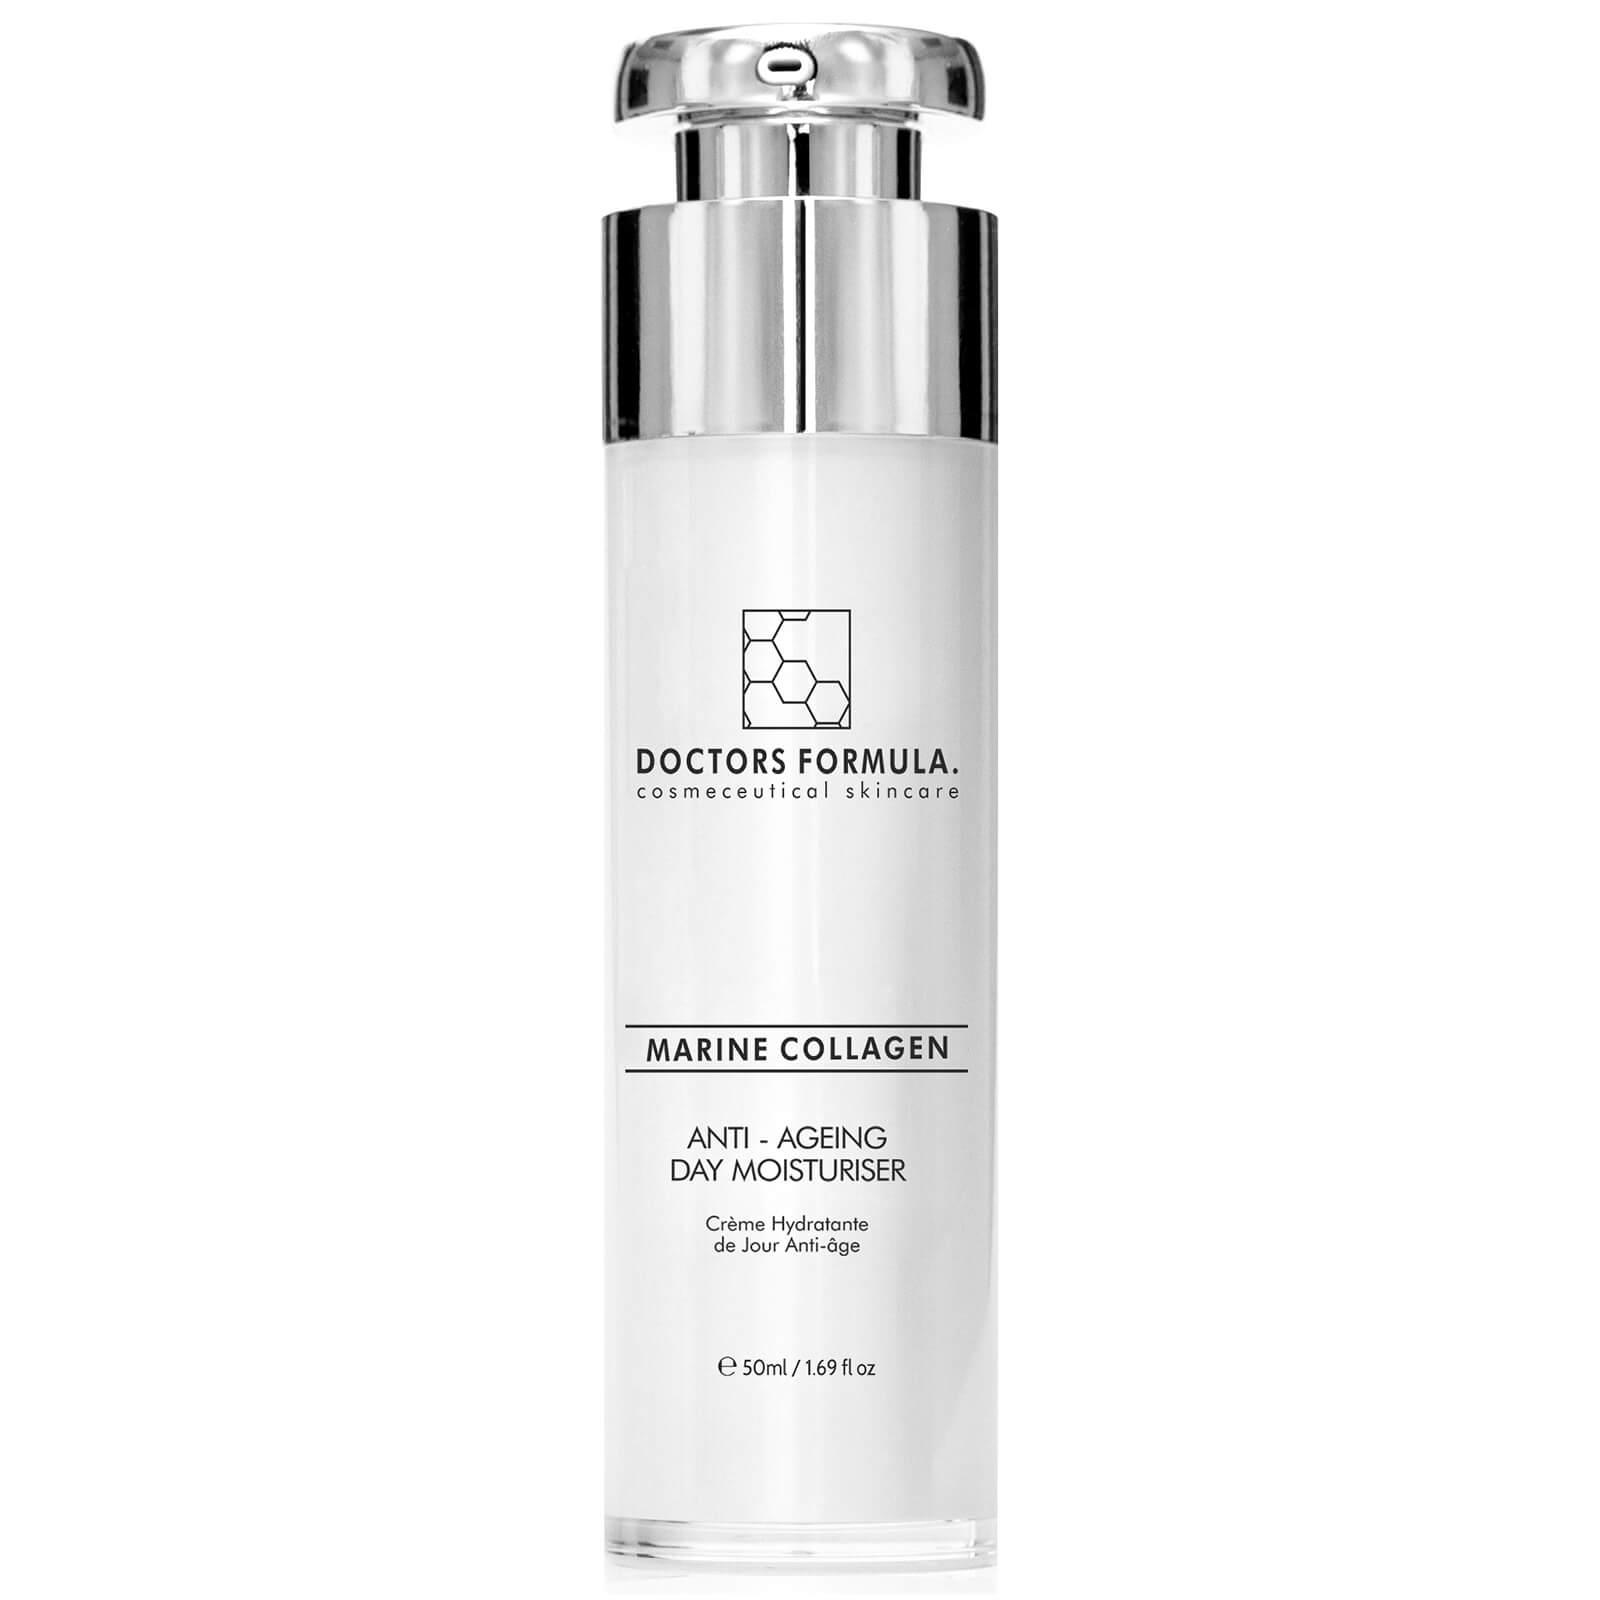 Купить Doctors Formula Marine Collagen Anti-Ageing Day Moisturiser 50ml